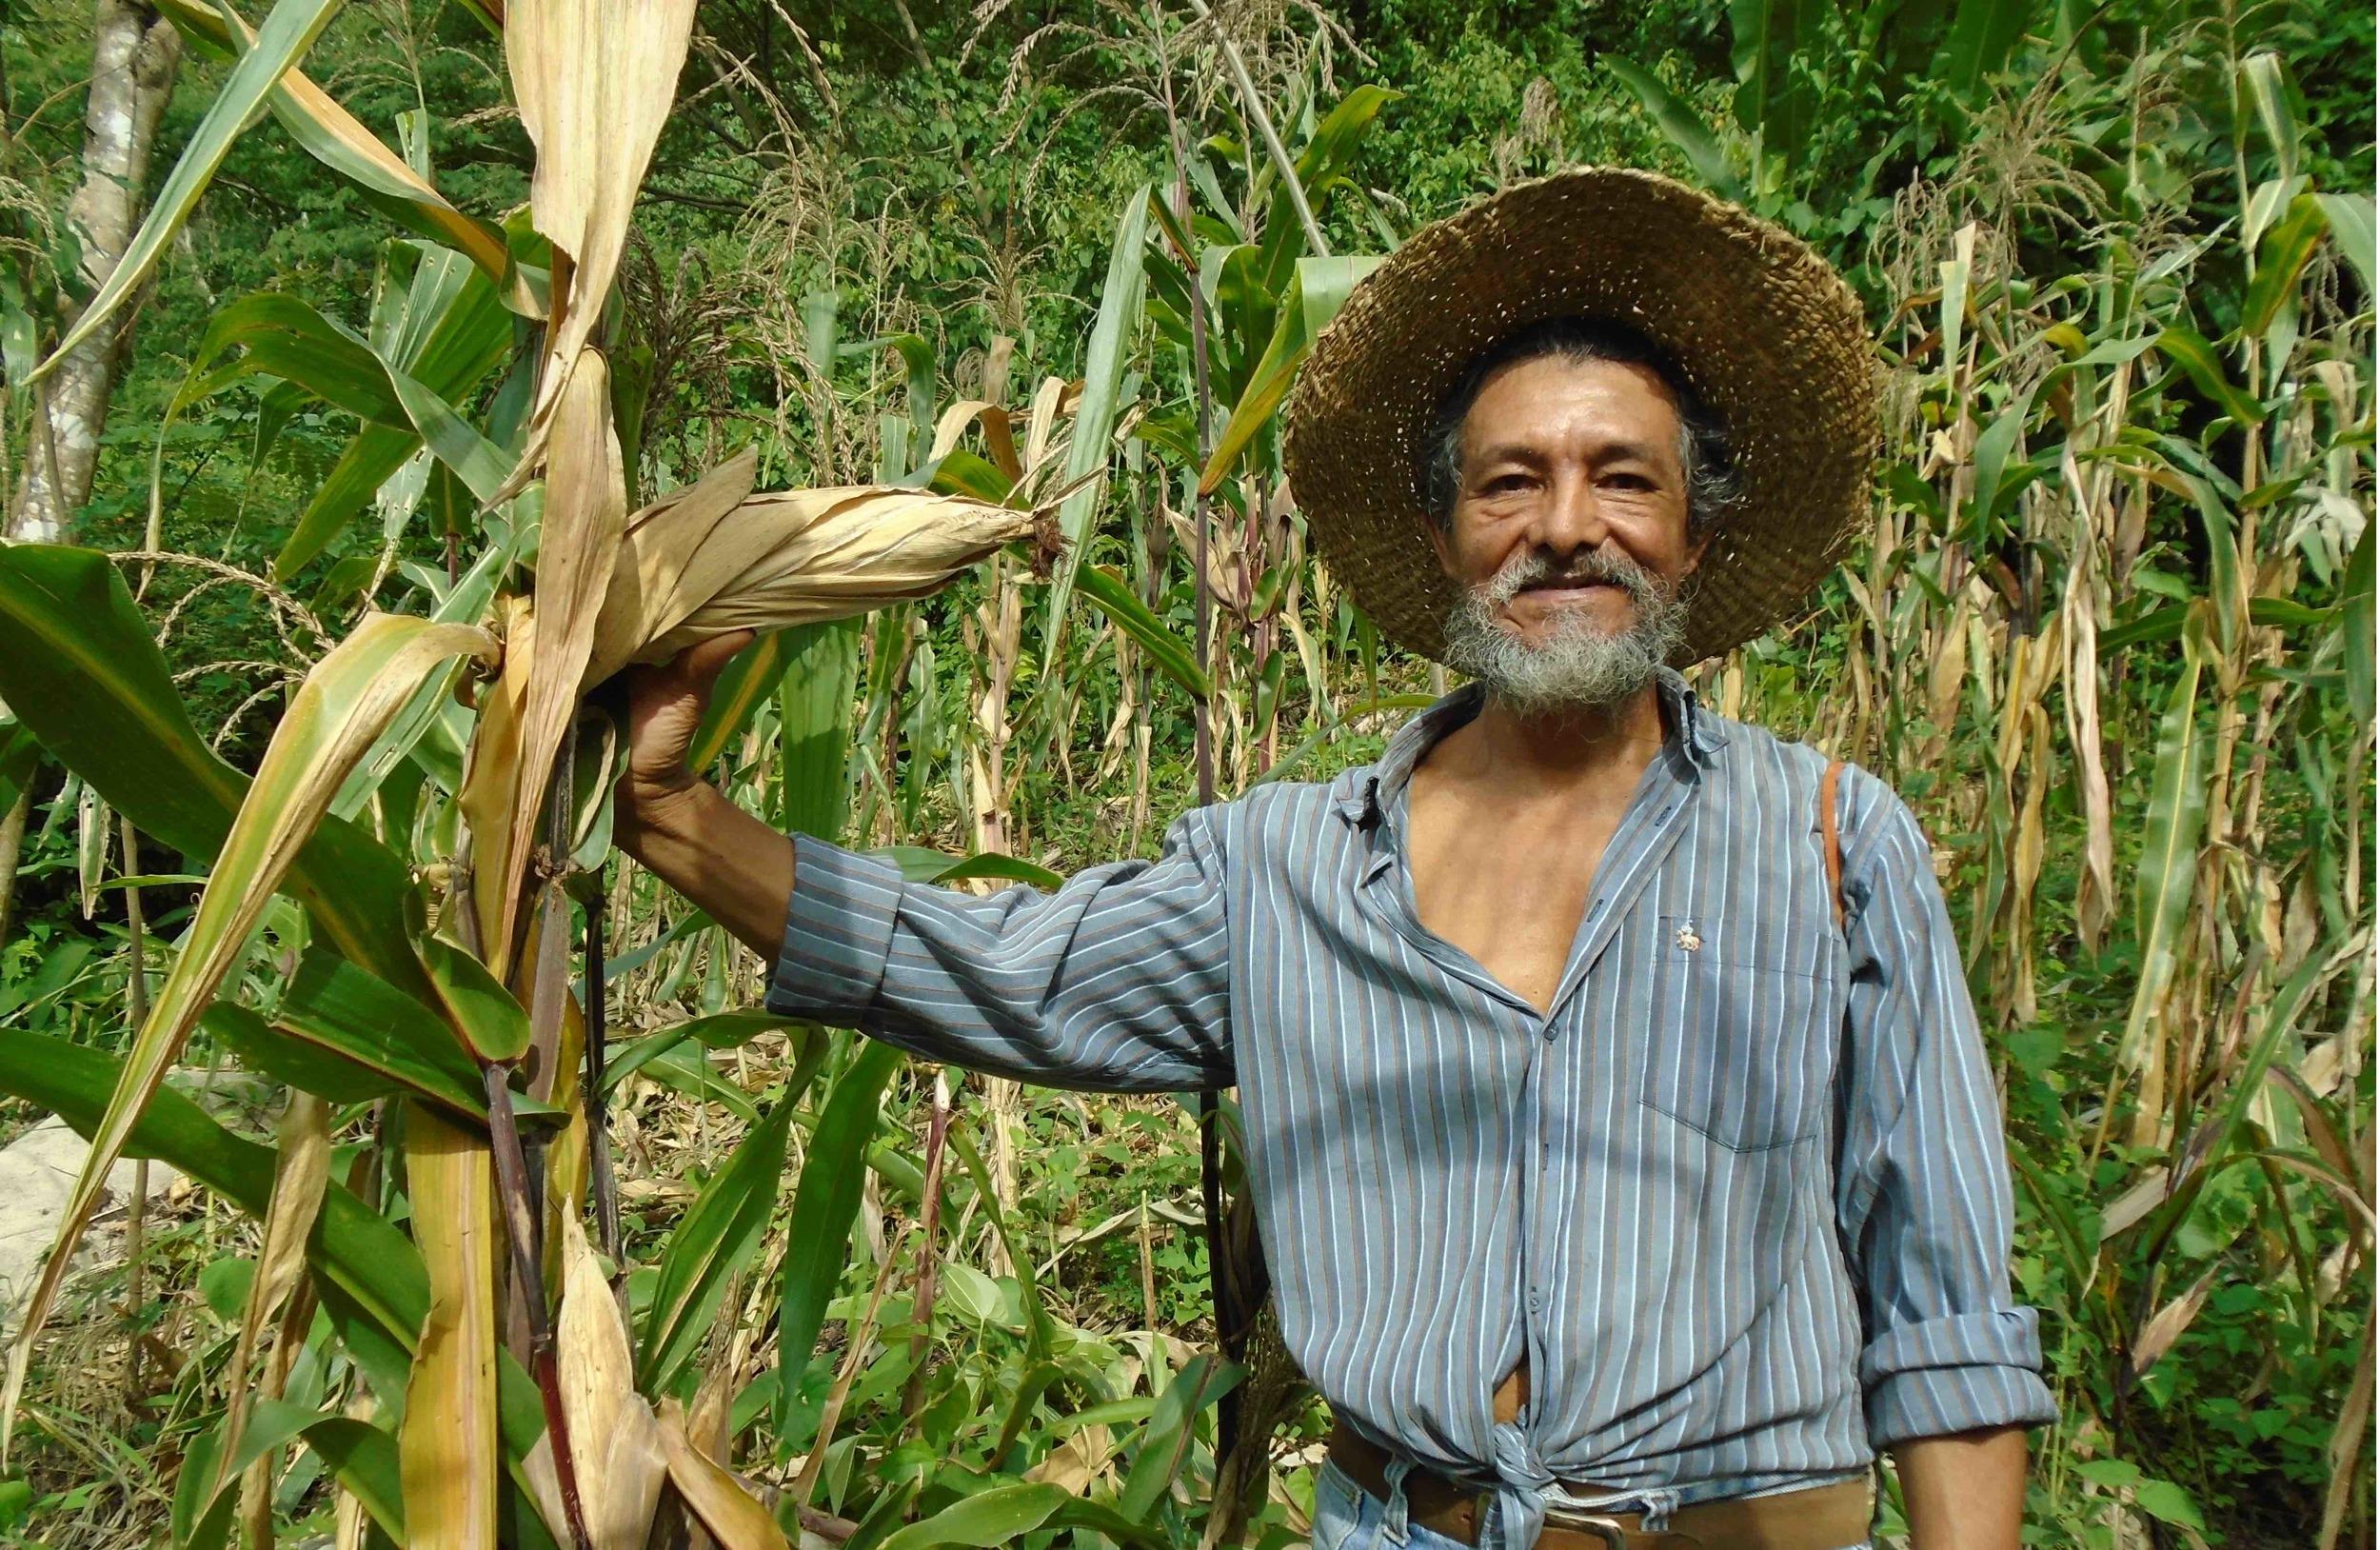 Joaquín Reyes on his farm - photo by Mariano Navarro